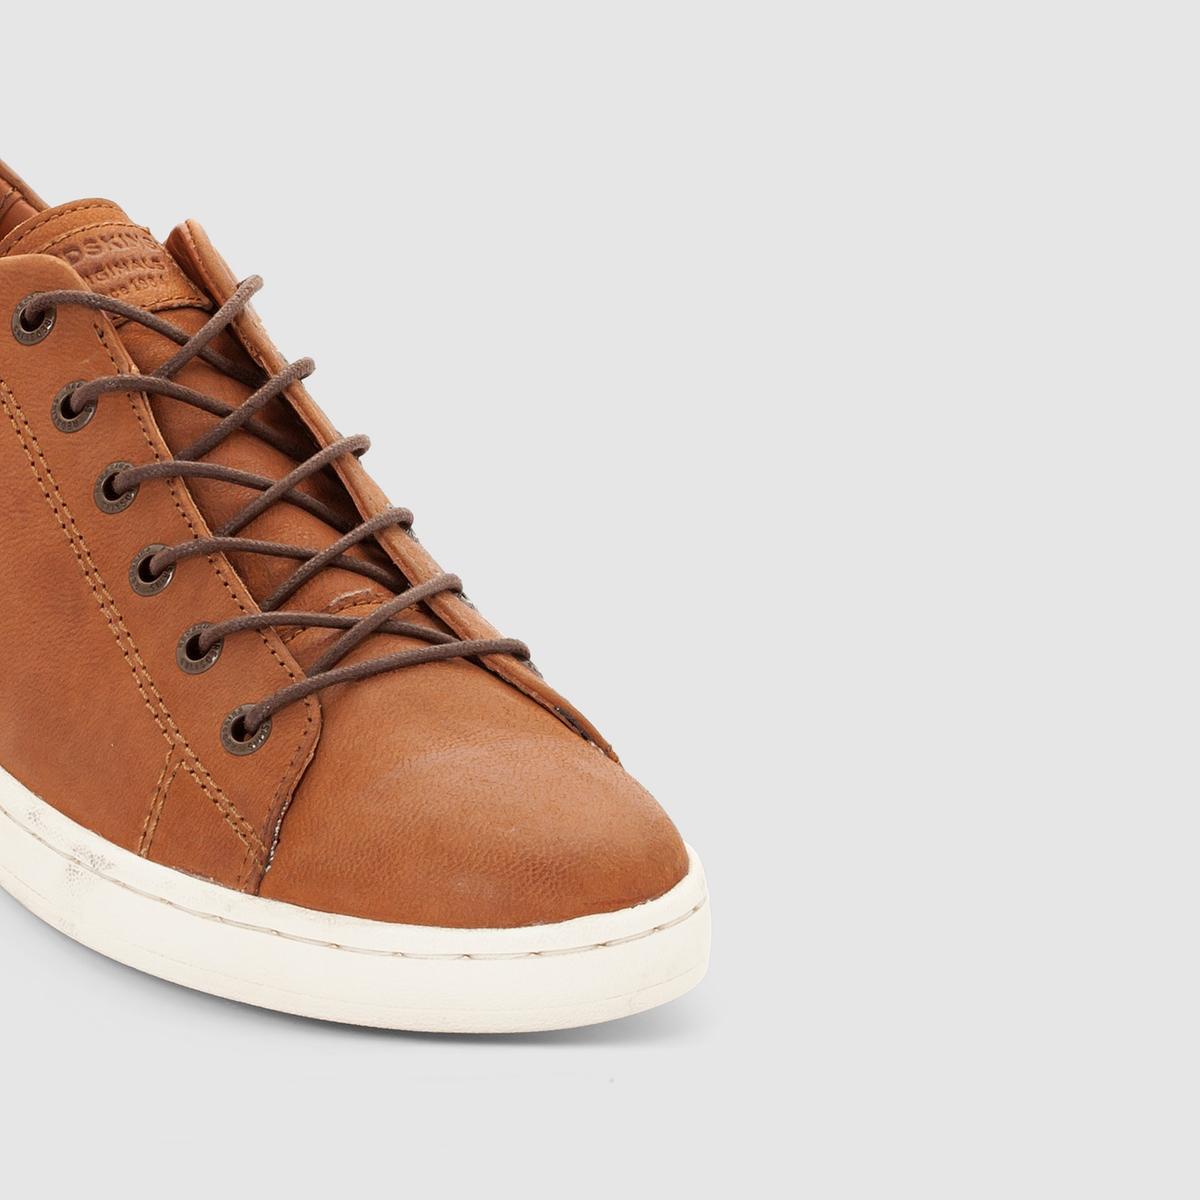 Кеды низкие из кожи  REDSKINS SLIDEКеды низкие из кожи  SLIDE от REDSKINS Верх : козья кожаПодкладка :  текстиль и кожа Стелька : кожа.Подошва : эластомер.Застежка : шнуровка Преимущества : низкие кеды из кожи REDSKINS, пропитанные духом обуви для тенниса 70-х годов, с великолепной натуральной расцветкой  .<br><br>Цвет: коньячный<br>Размер: 40.45.44